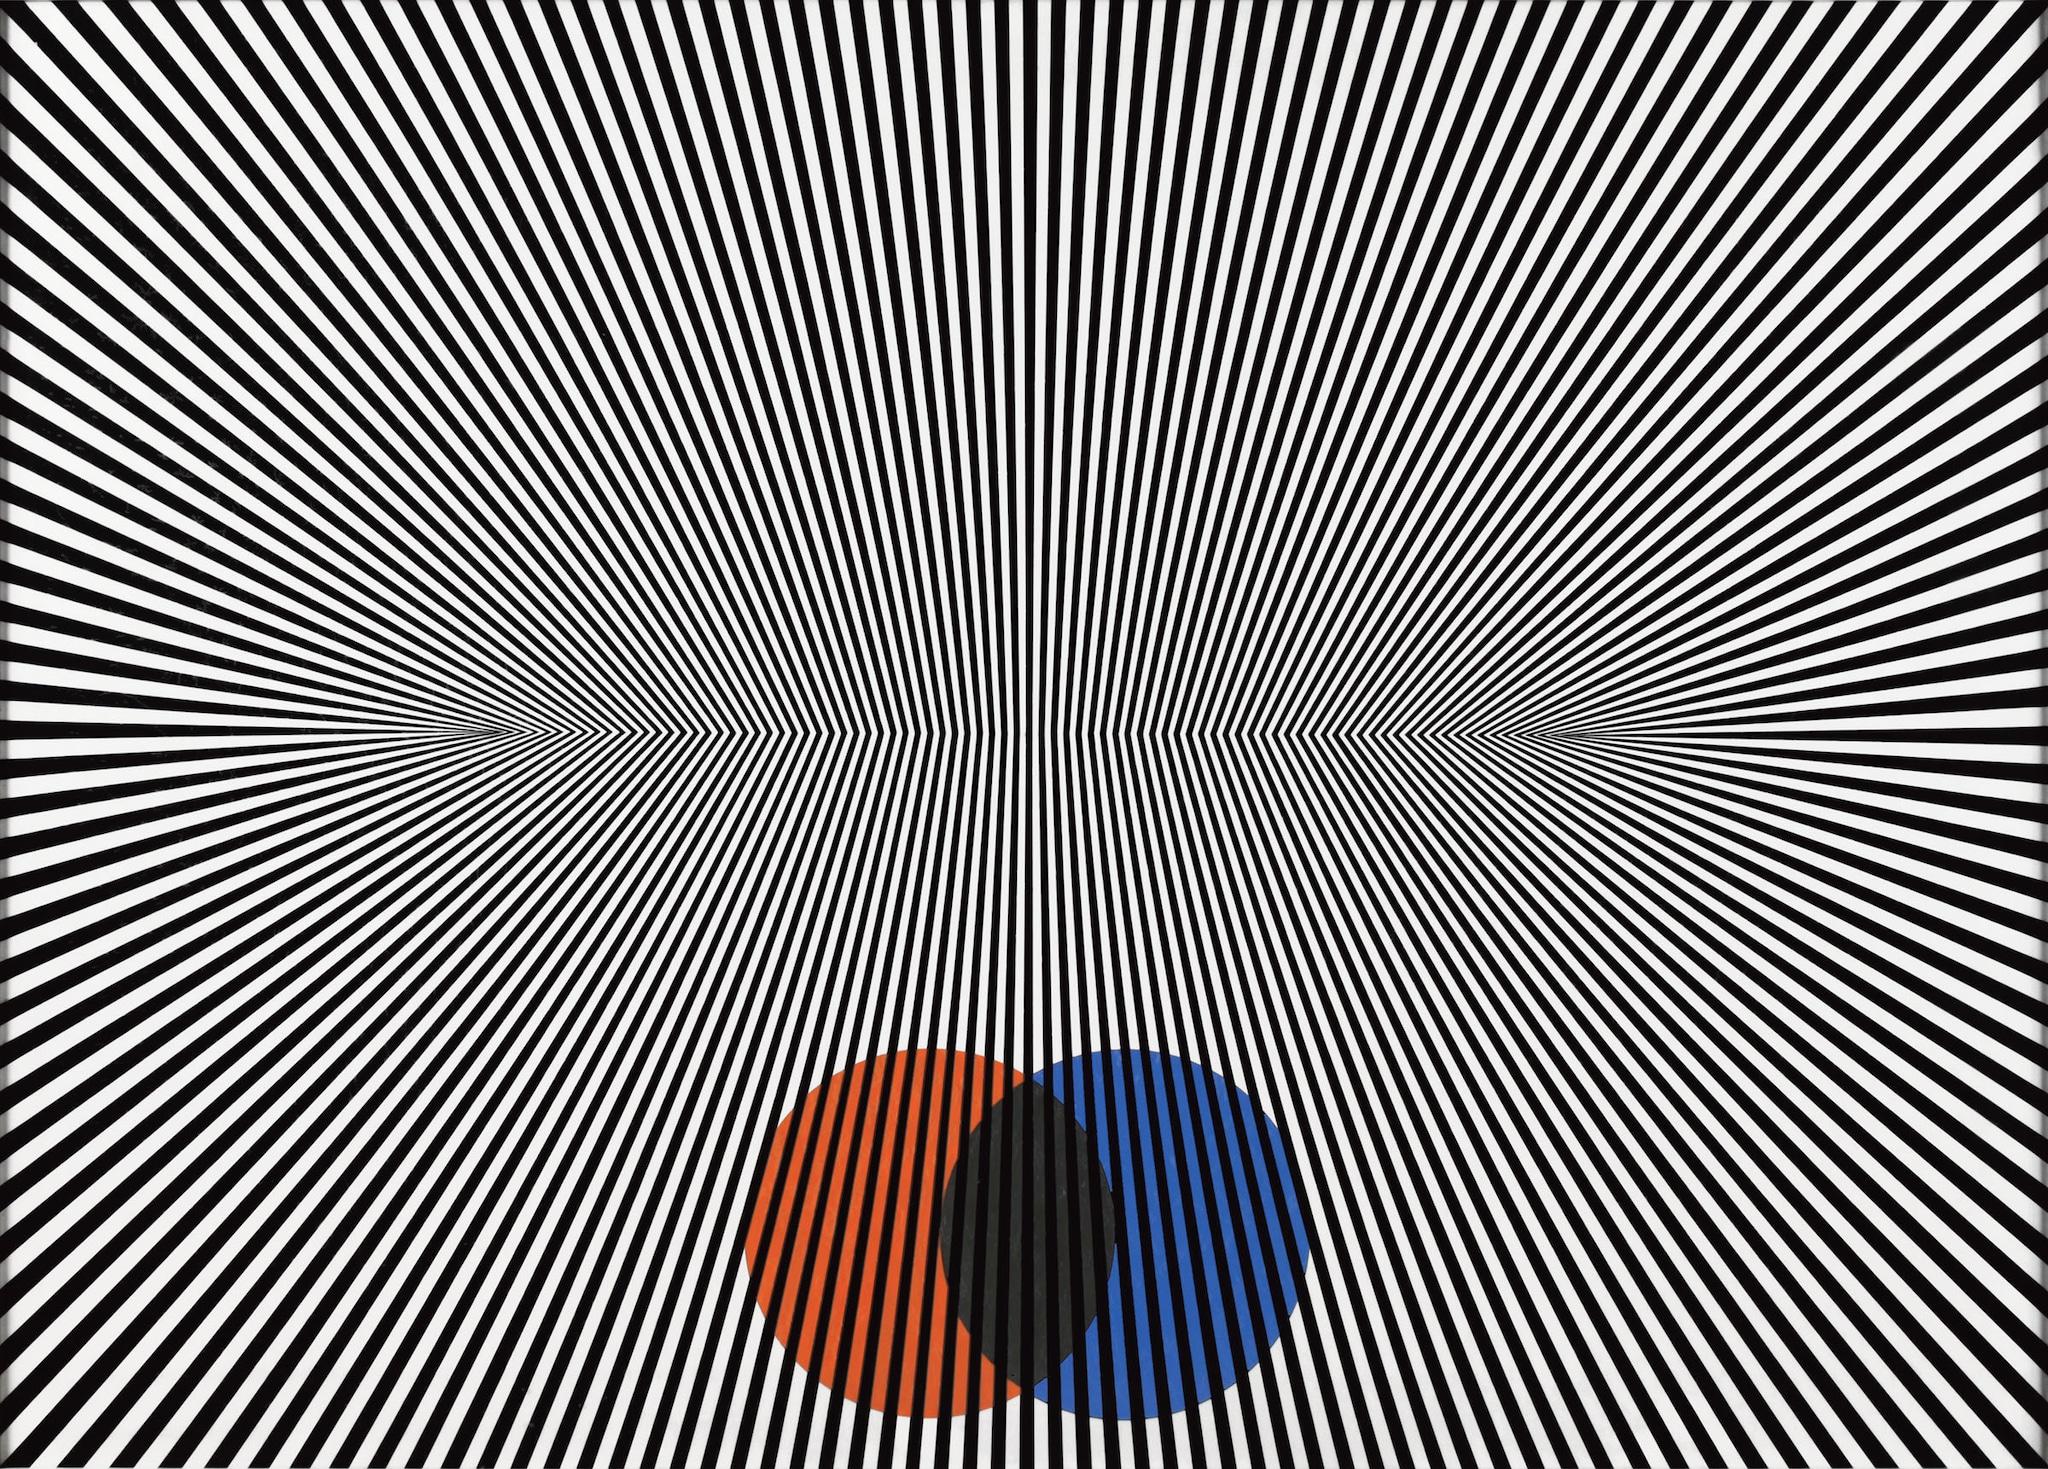 Franco Grignani, Grandangolare, 1965, tecnica mista su cartone Schoeller, 75x104 cm (Collezione privata, © Matteo Zarbo)